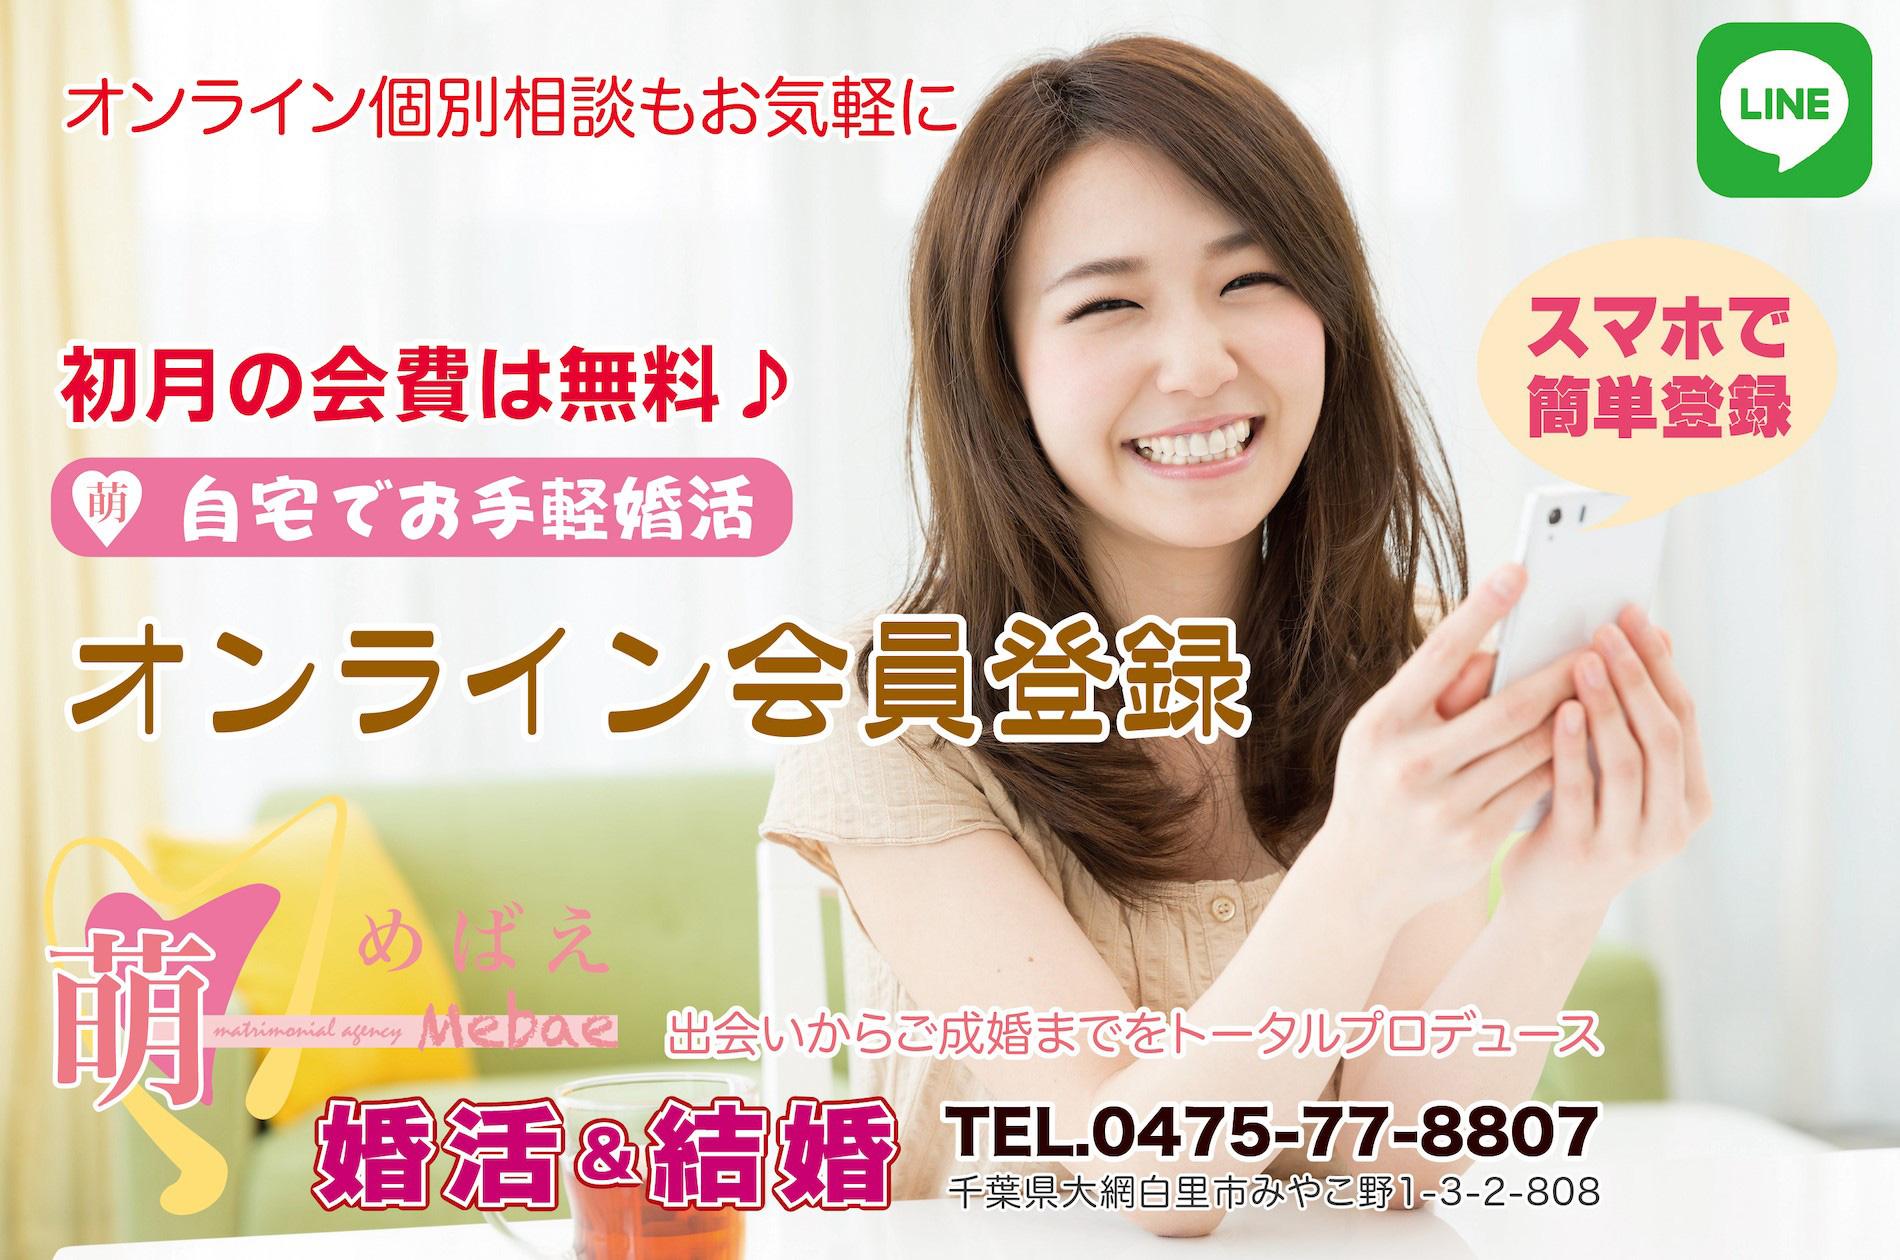 結婚相談所萌のオンライン会員登録